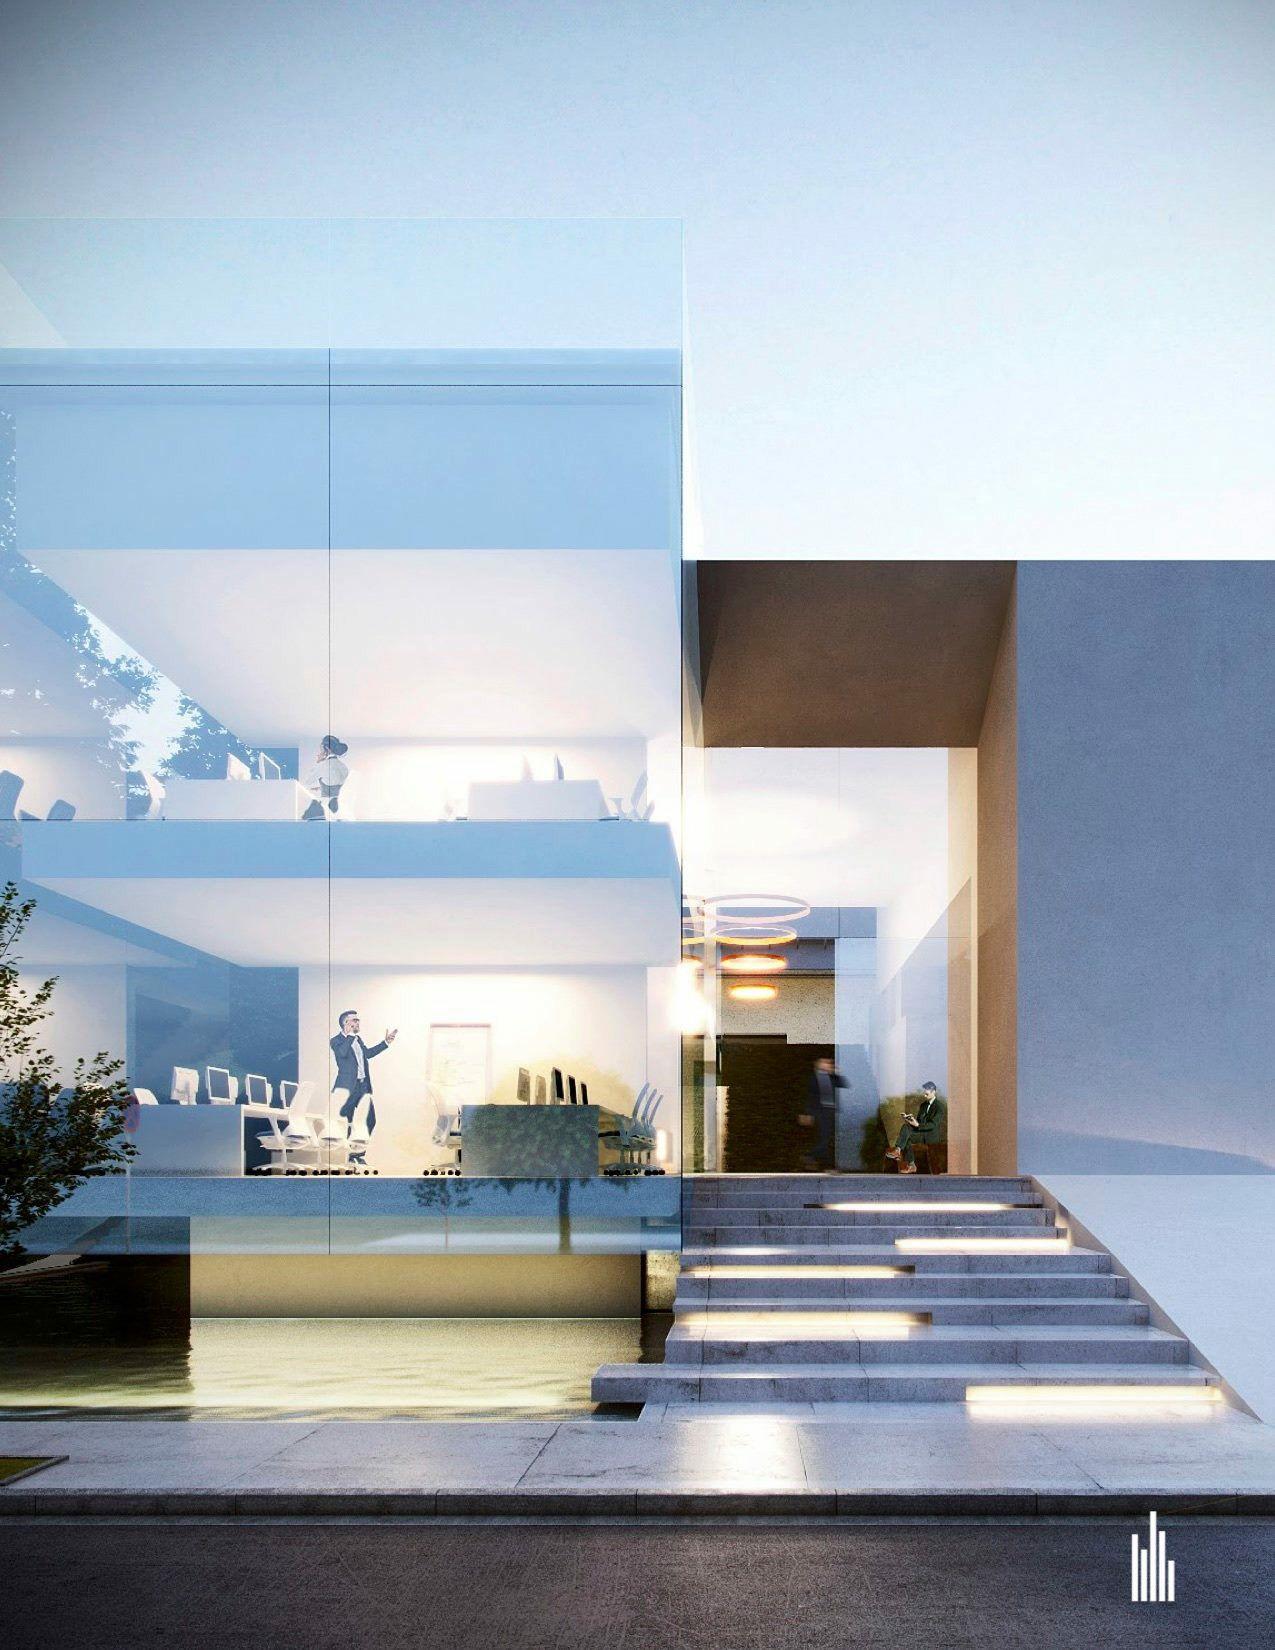 Creato arquitectos fachadas pinterest arquitectura fachadas y casas - Arquitectos casas modernas ...